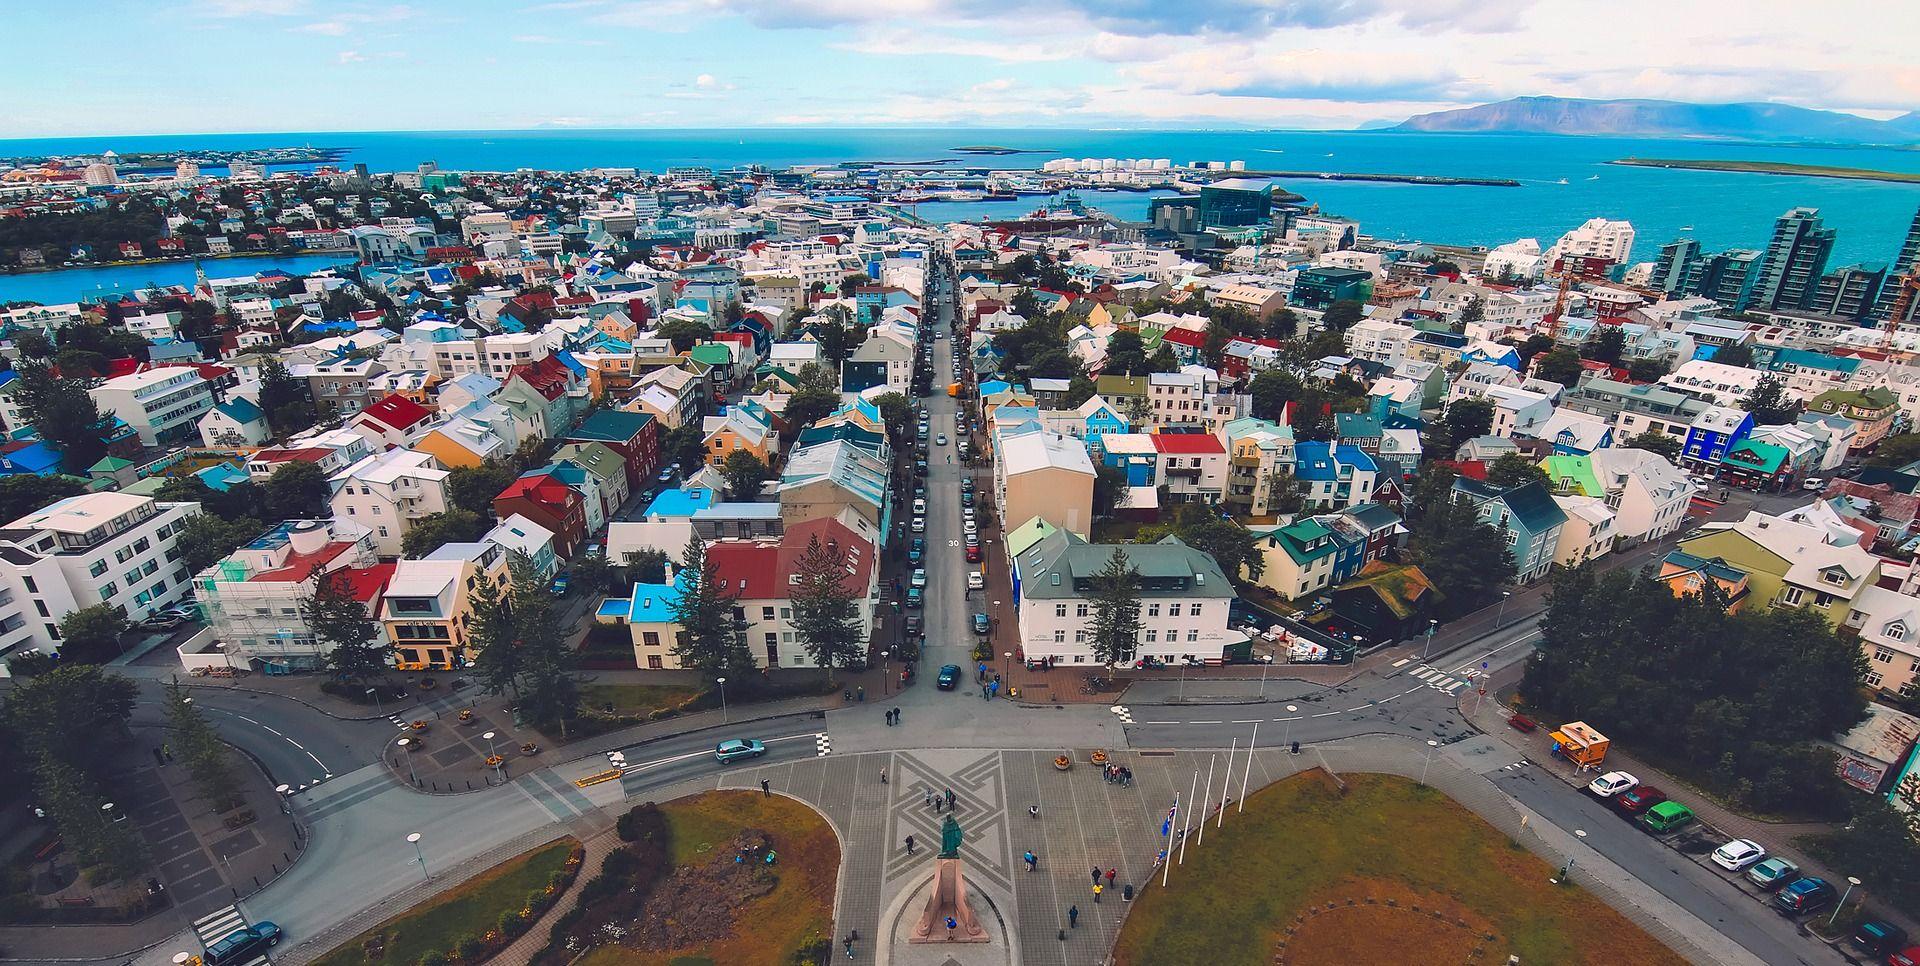 Island poslodavce kažnjava za rodno uvjetovane razlike u plaćama